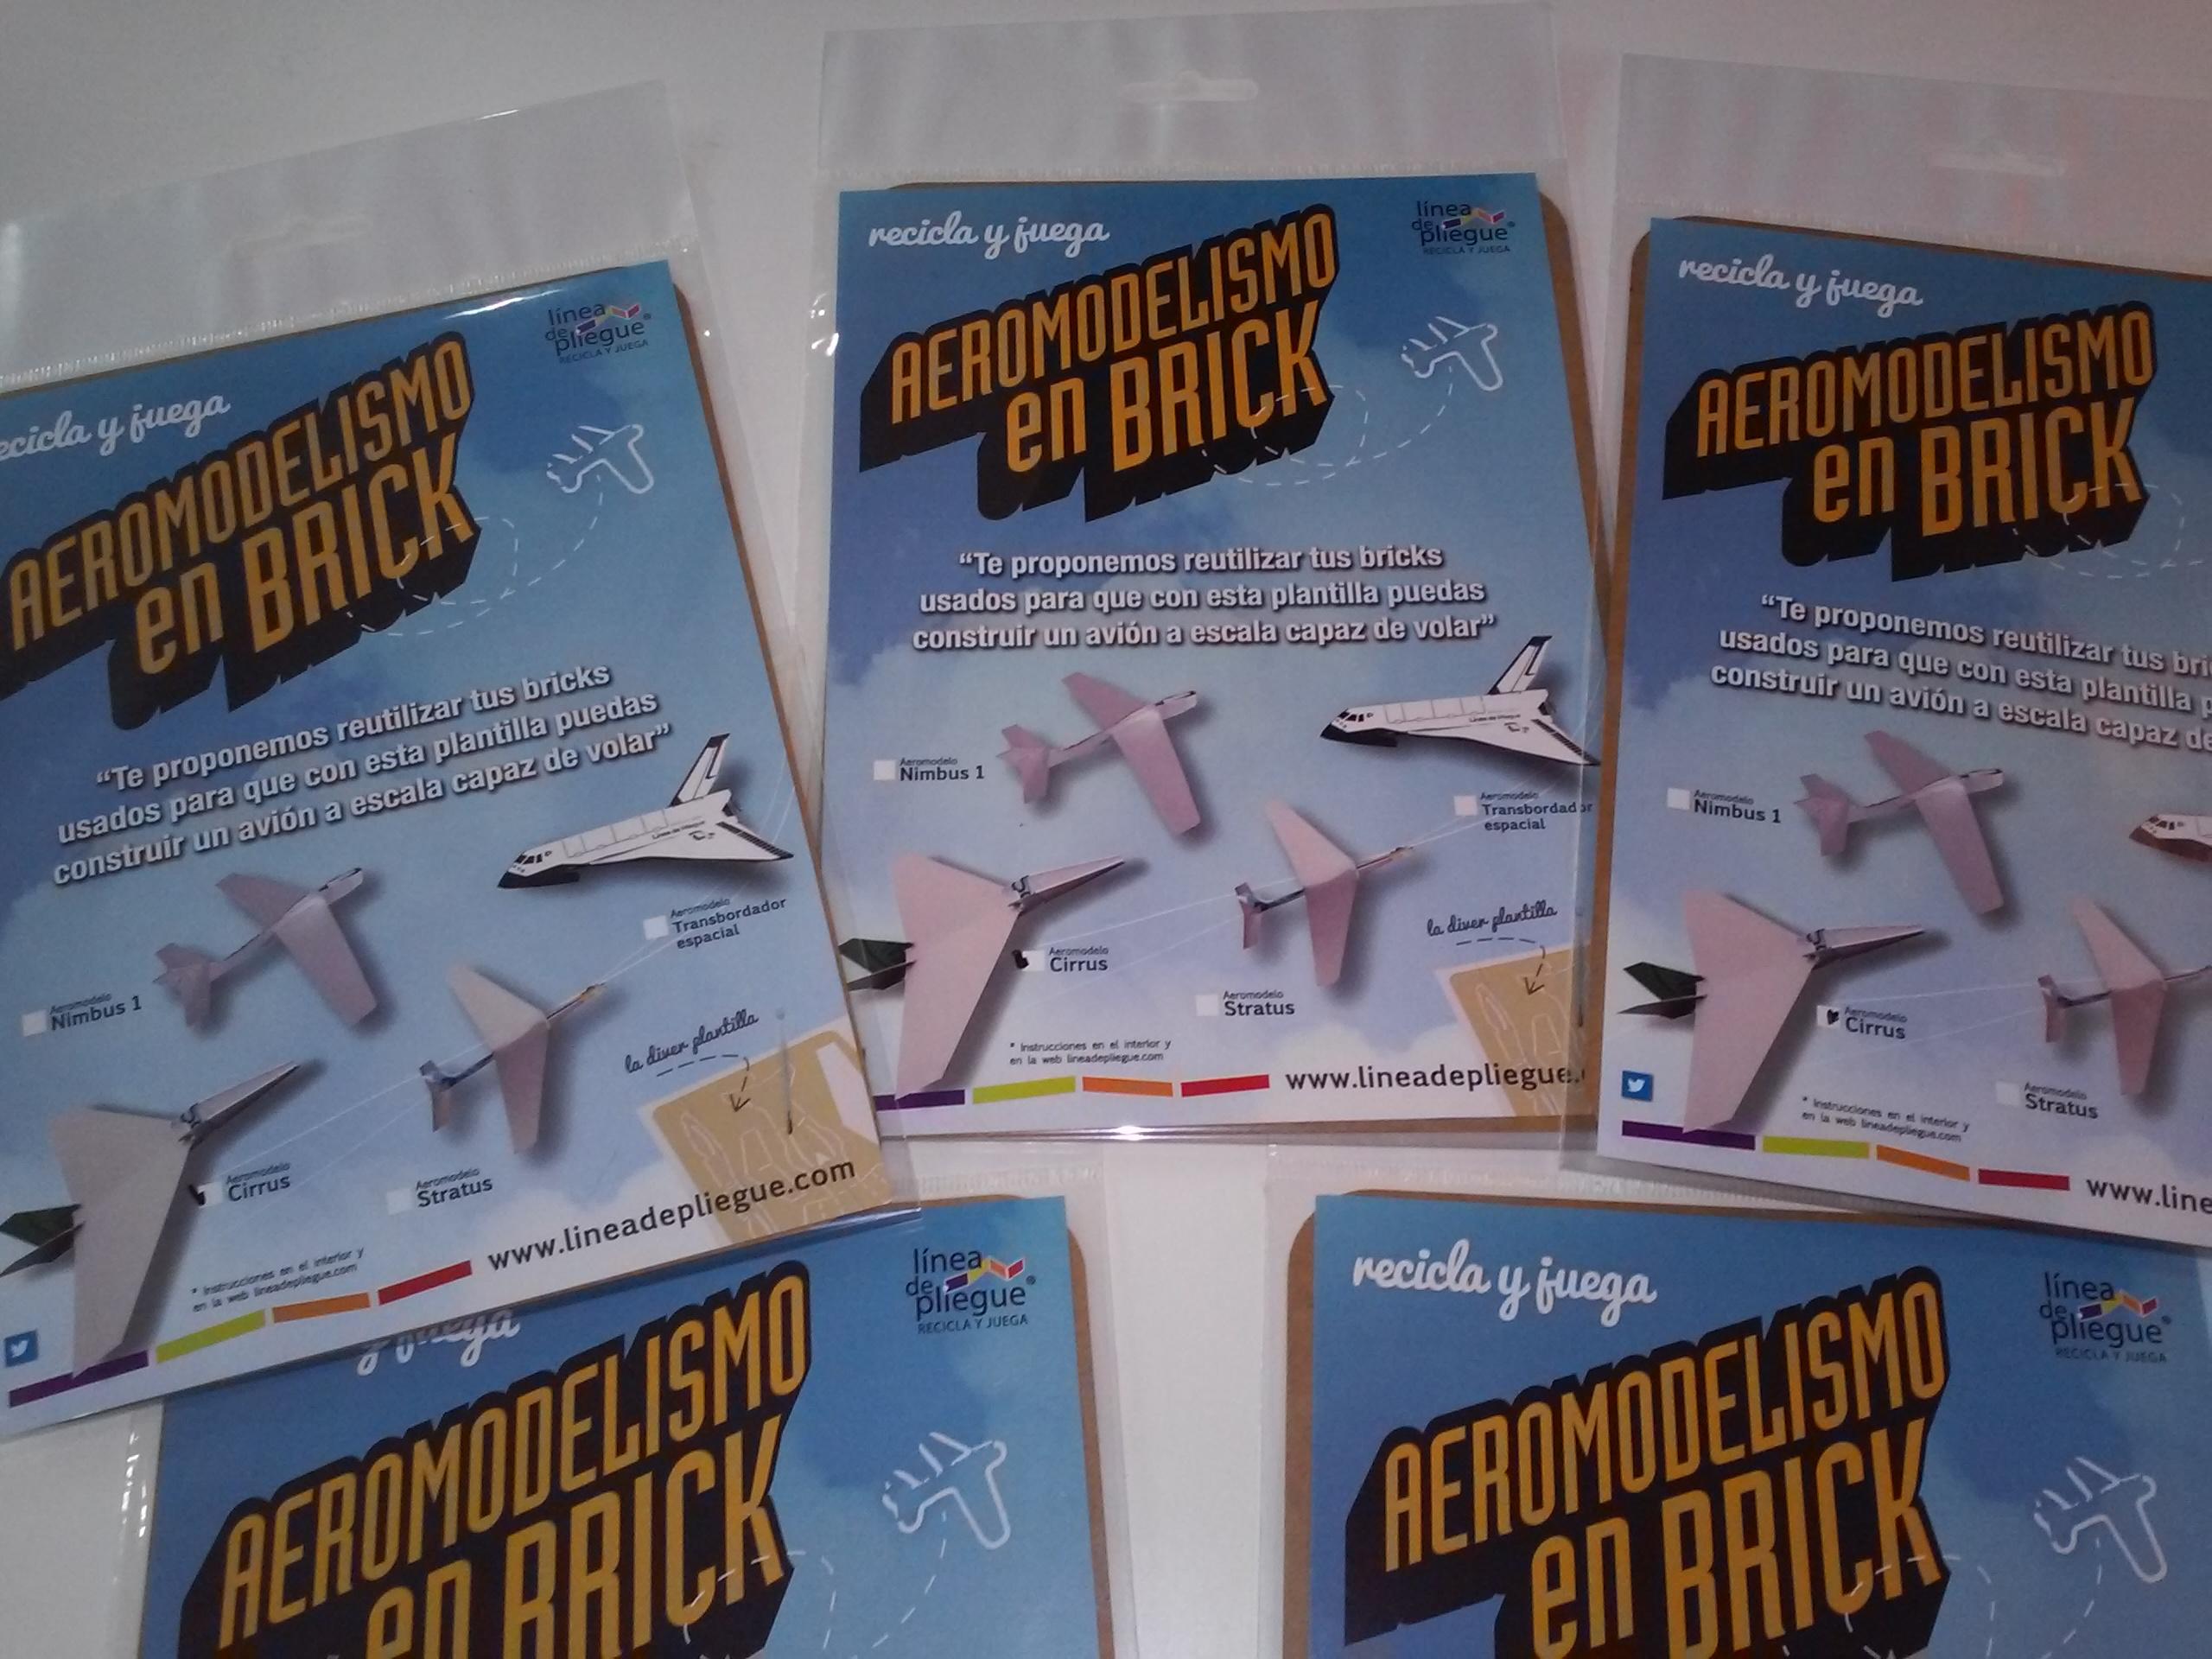 Aeromodelismo en brick – maqueta de avión para volar Cirrus